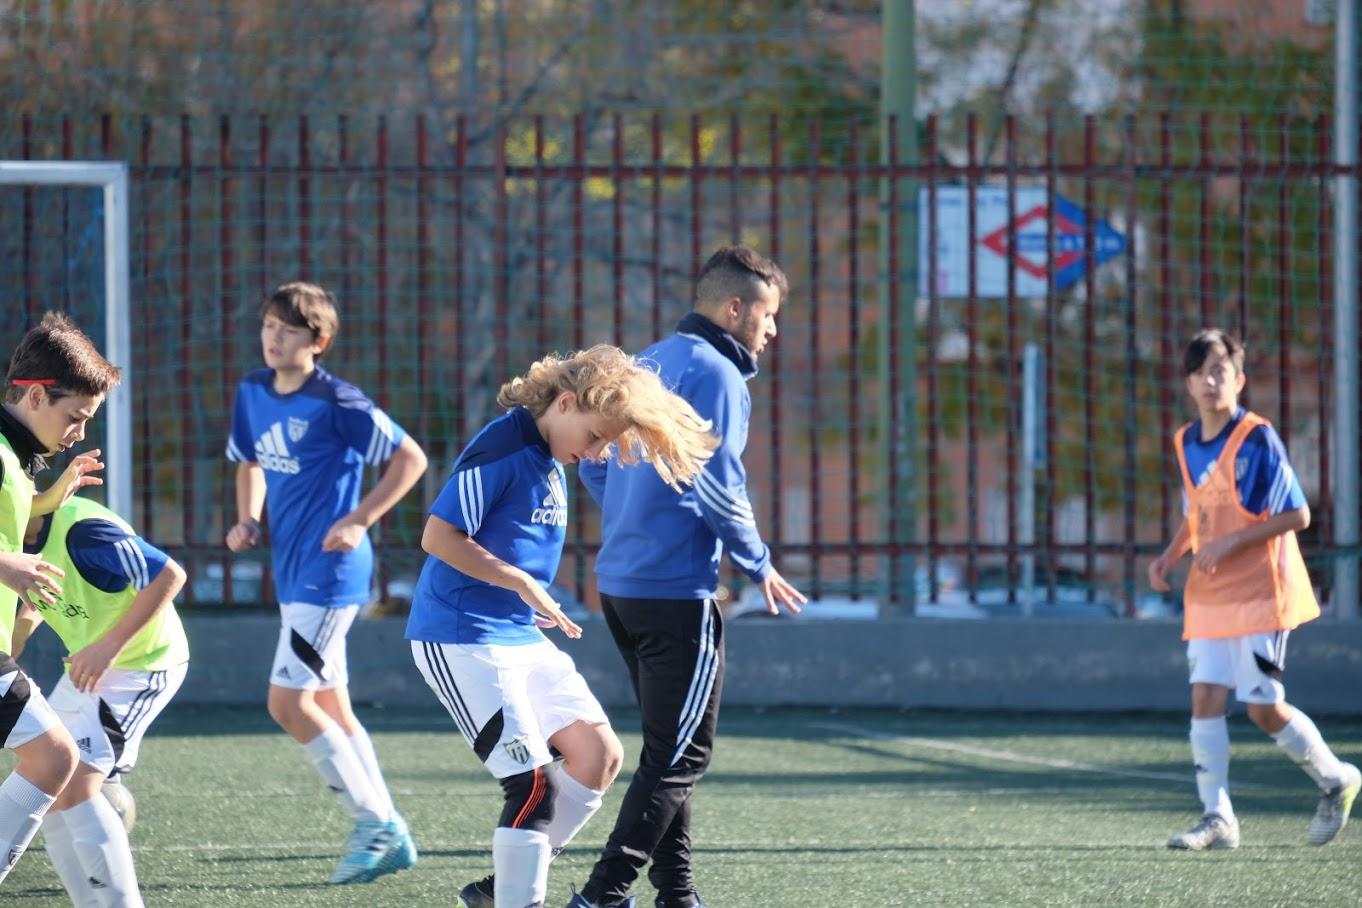 ¿Quieres jugar en el Club Deportivo Canillas?